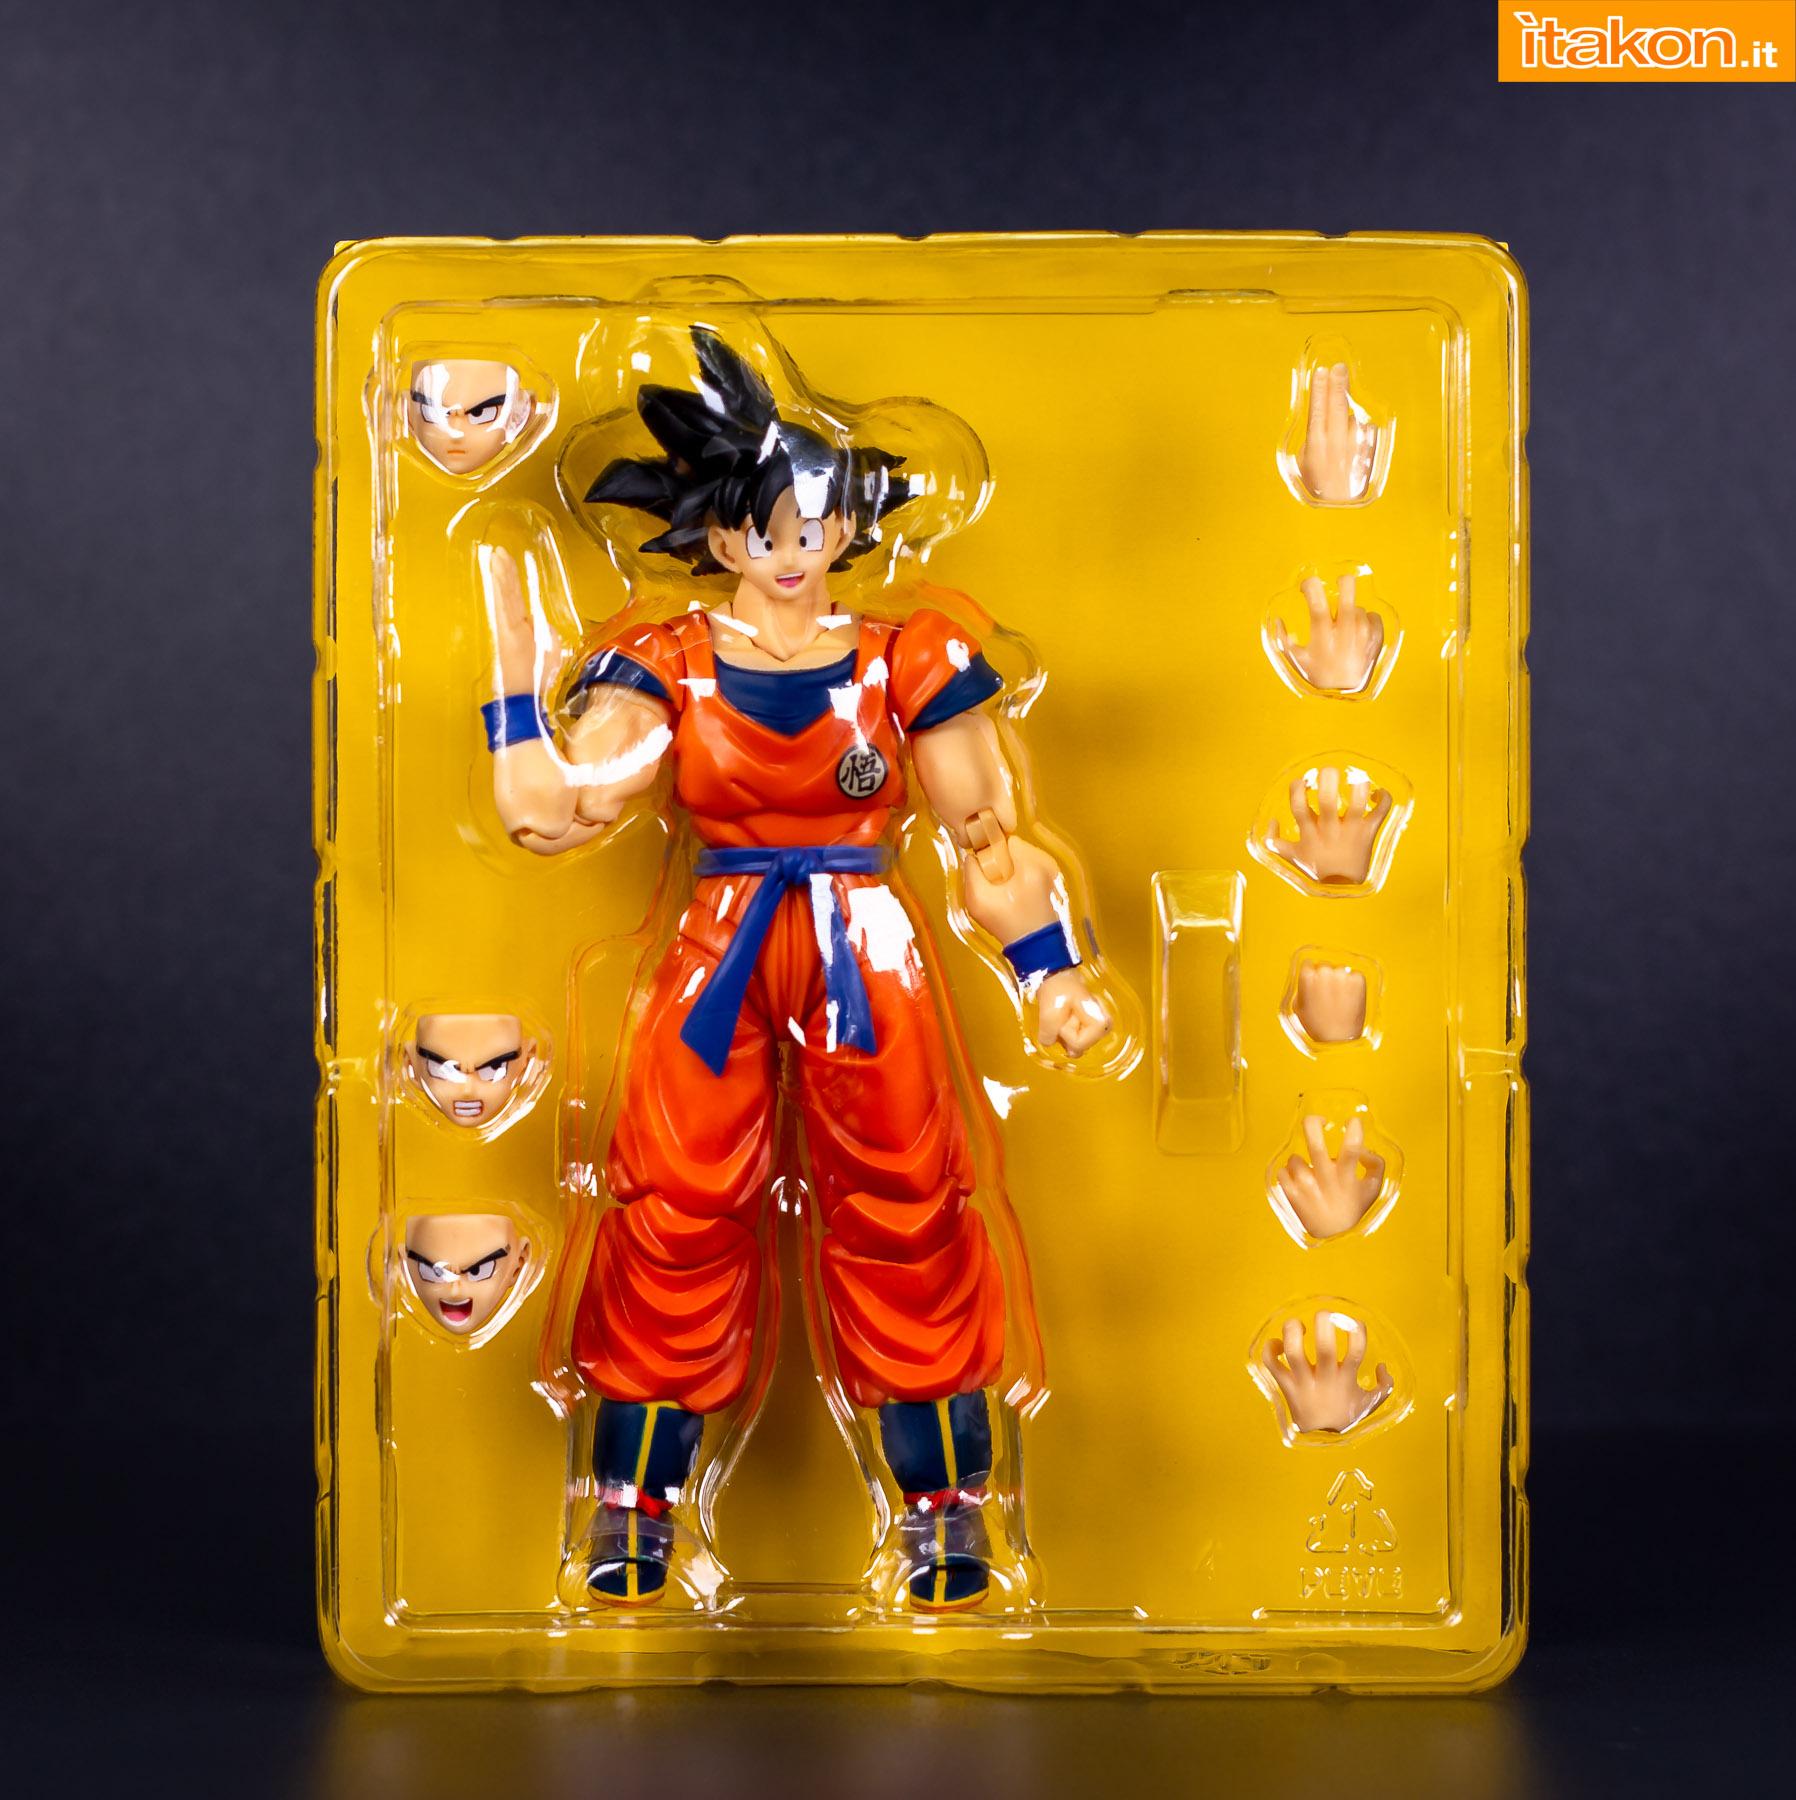 Link a Bandai Son Goku recensione-9